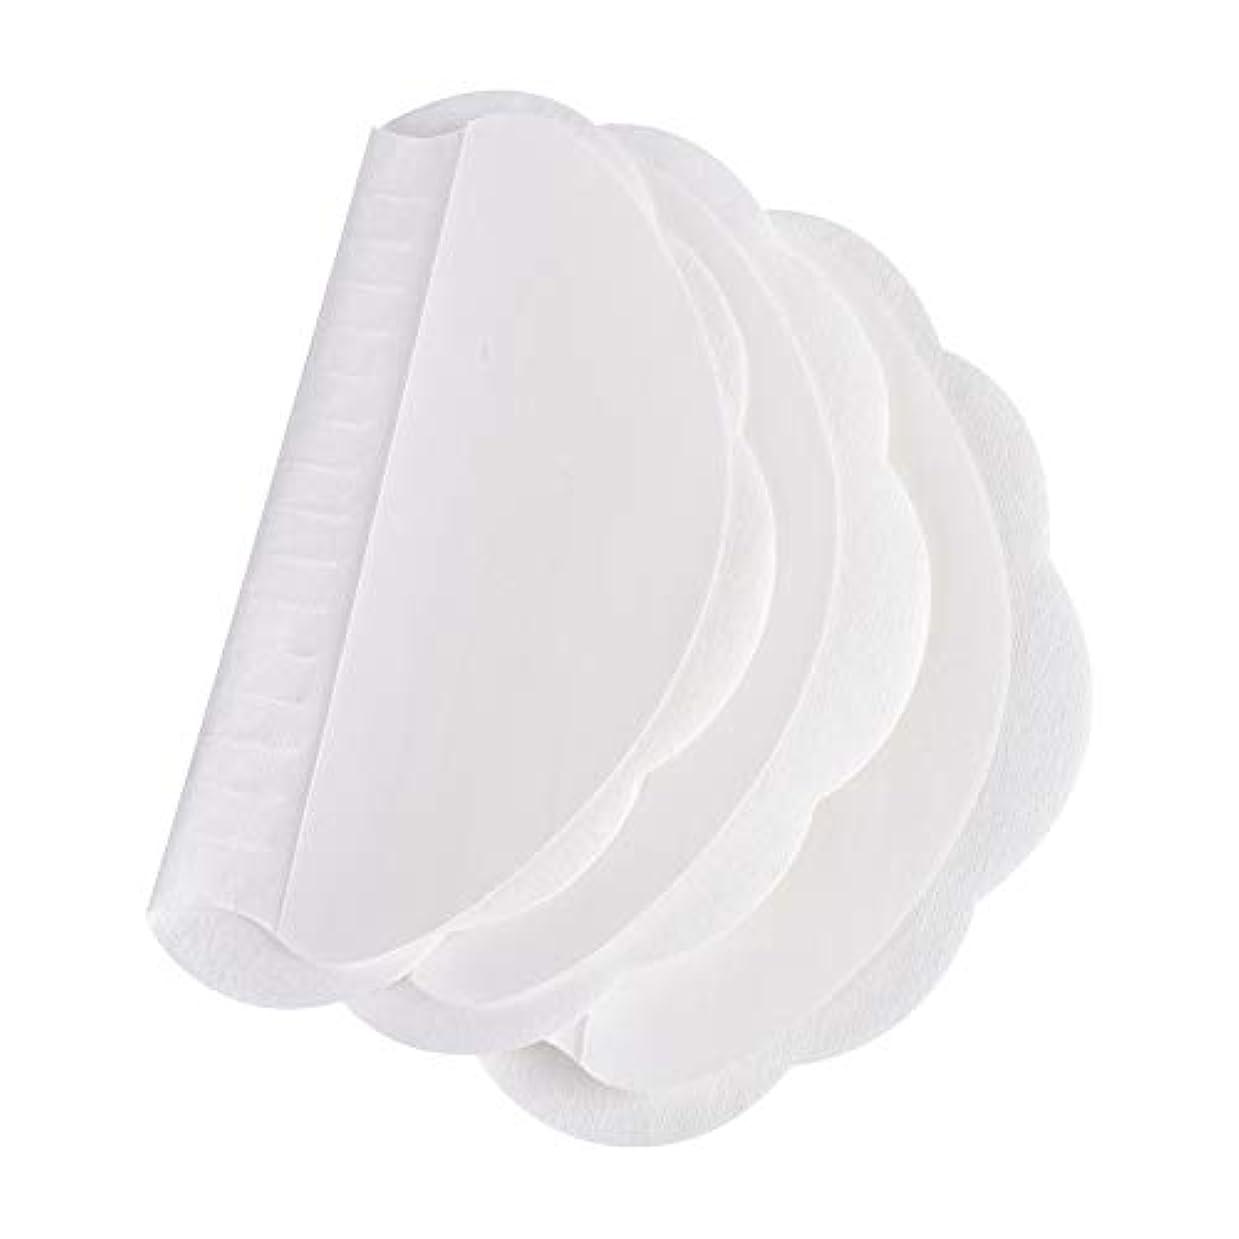 凝縮する挨拶する迷彩20個入 汗止めパッド わき汗パット さらさら あせジミ防止 抗菌加工 極薄 皮膚に優しい 無香料 メンズ レディース 使い捨て 夏用 汗取りシート …